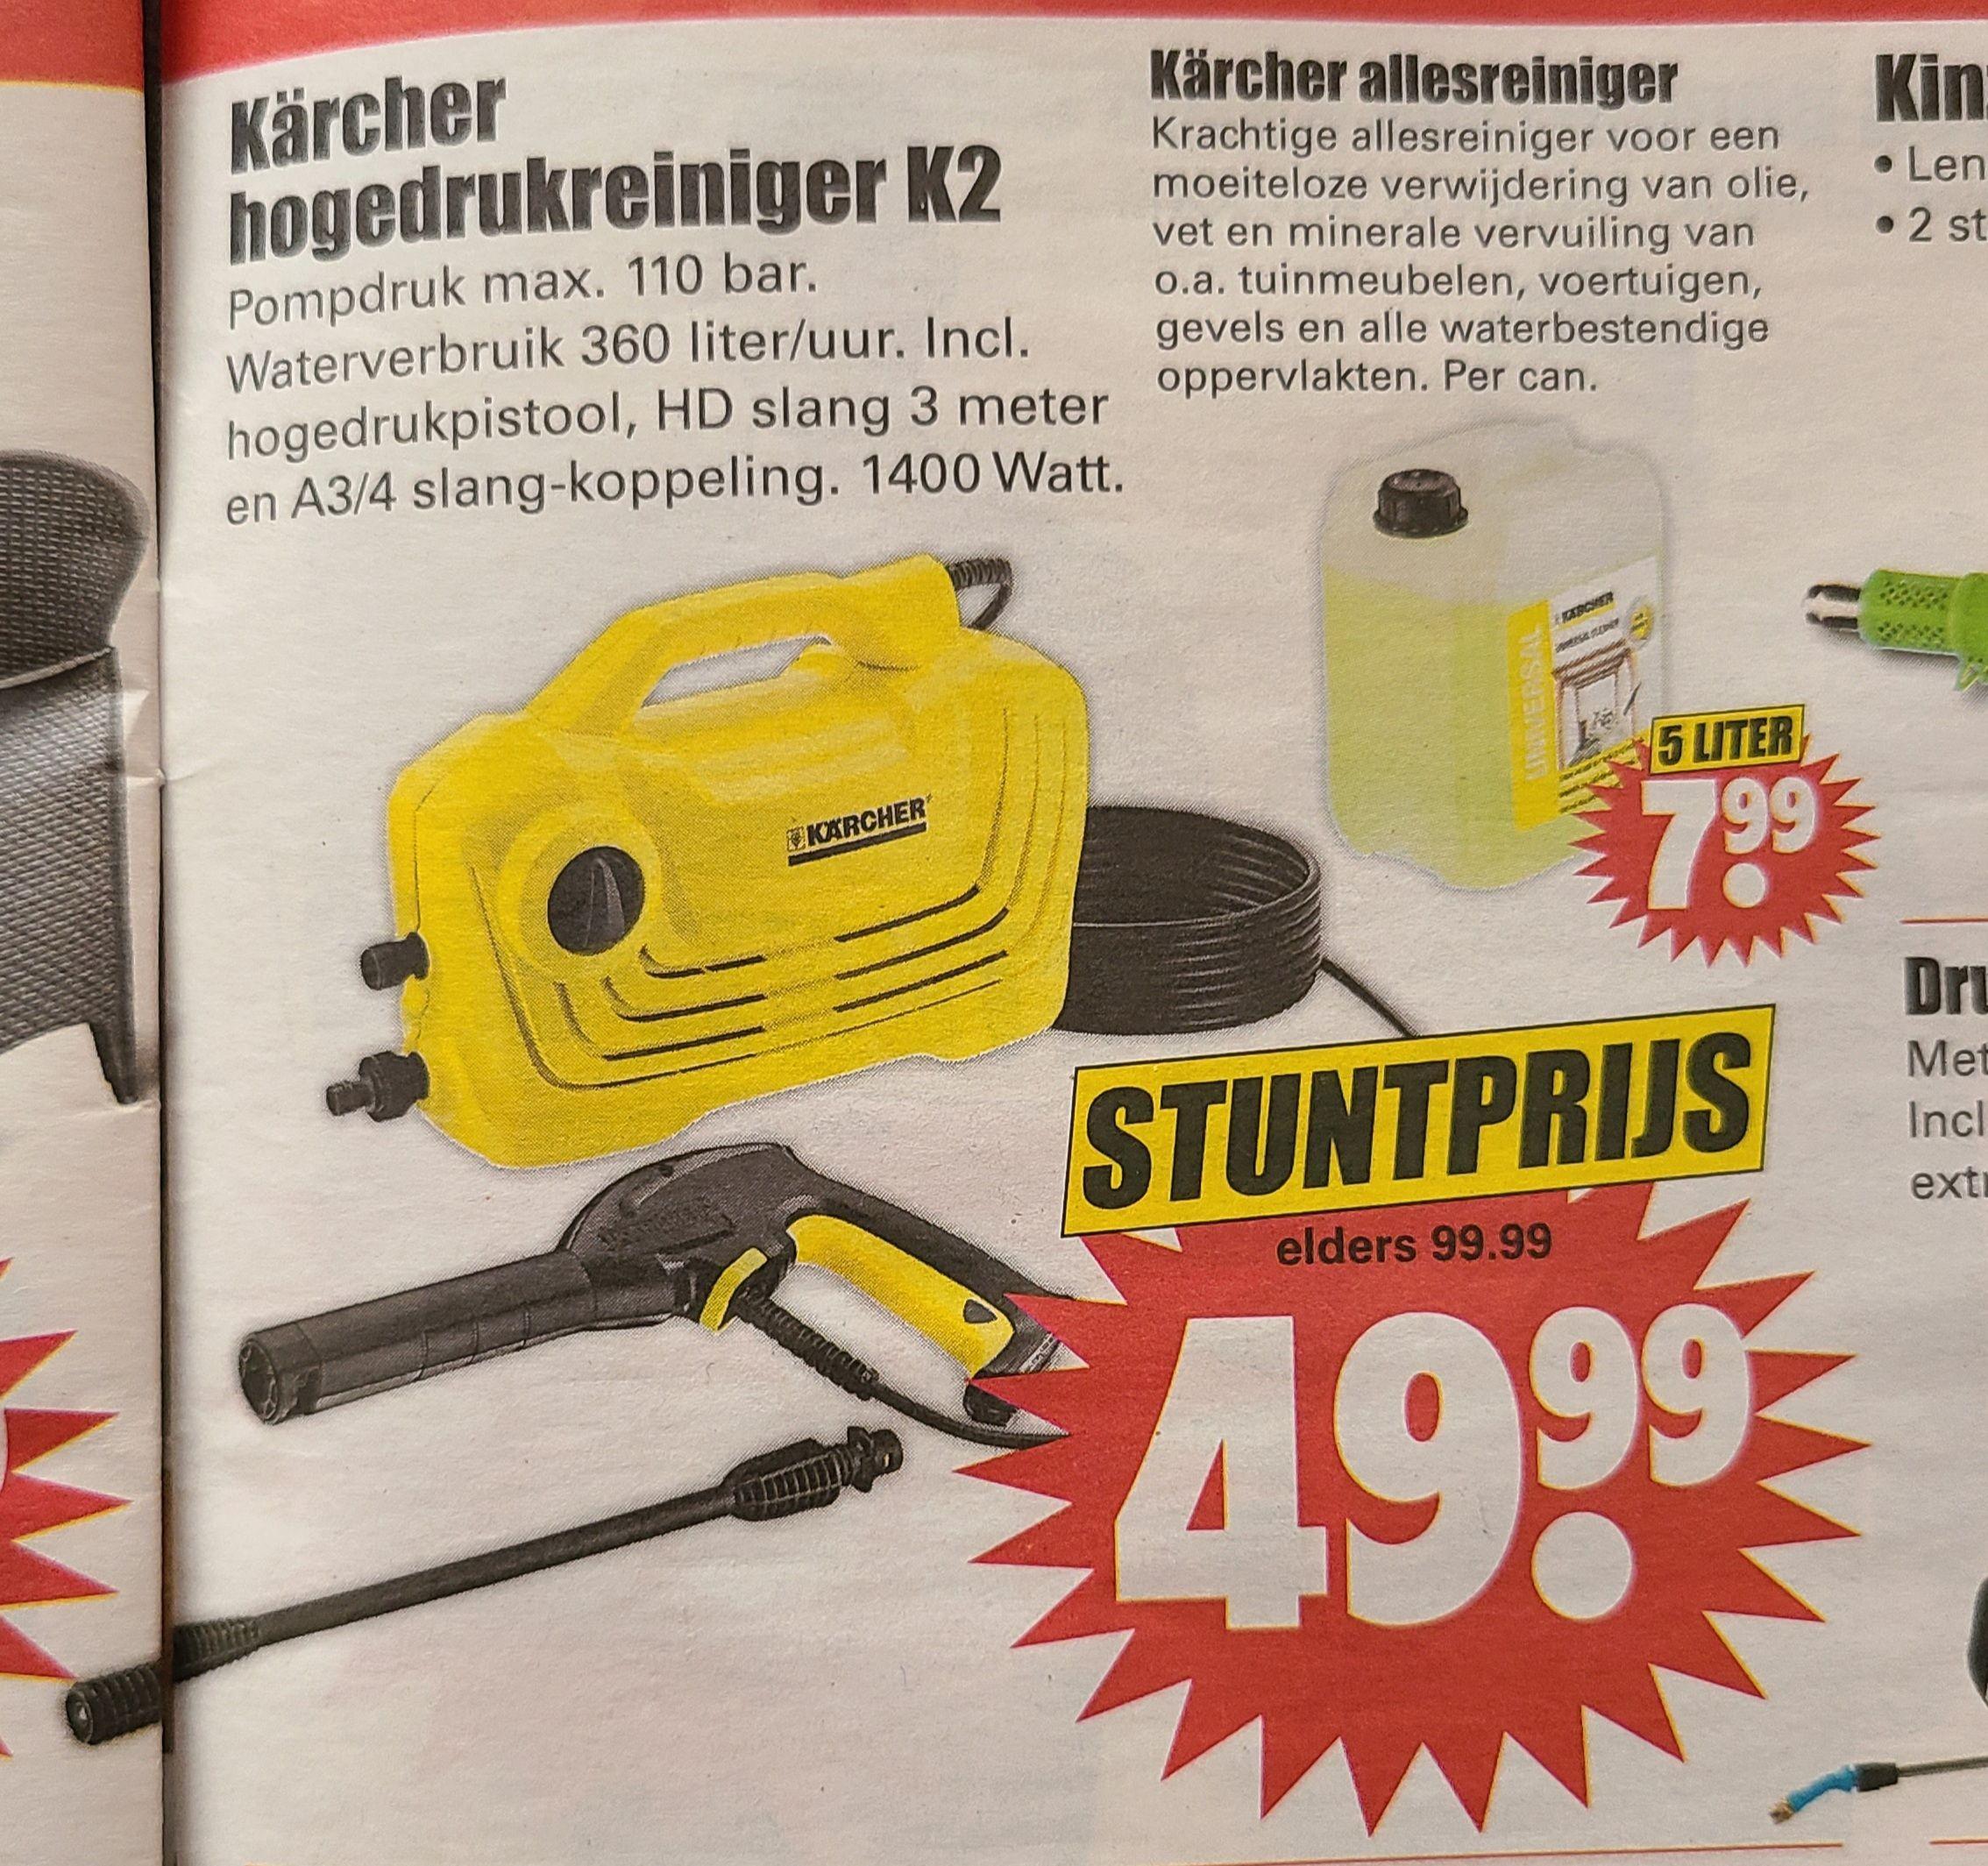 Kärcher K 2 Home Hogedrukreiniger bij Dirk